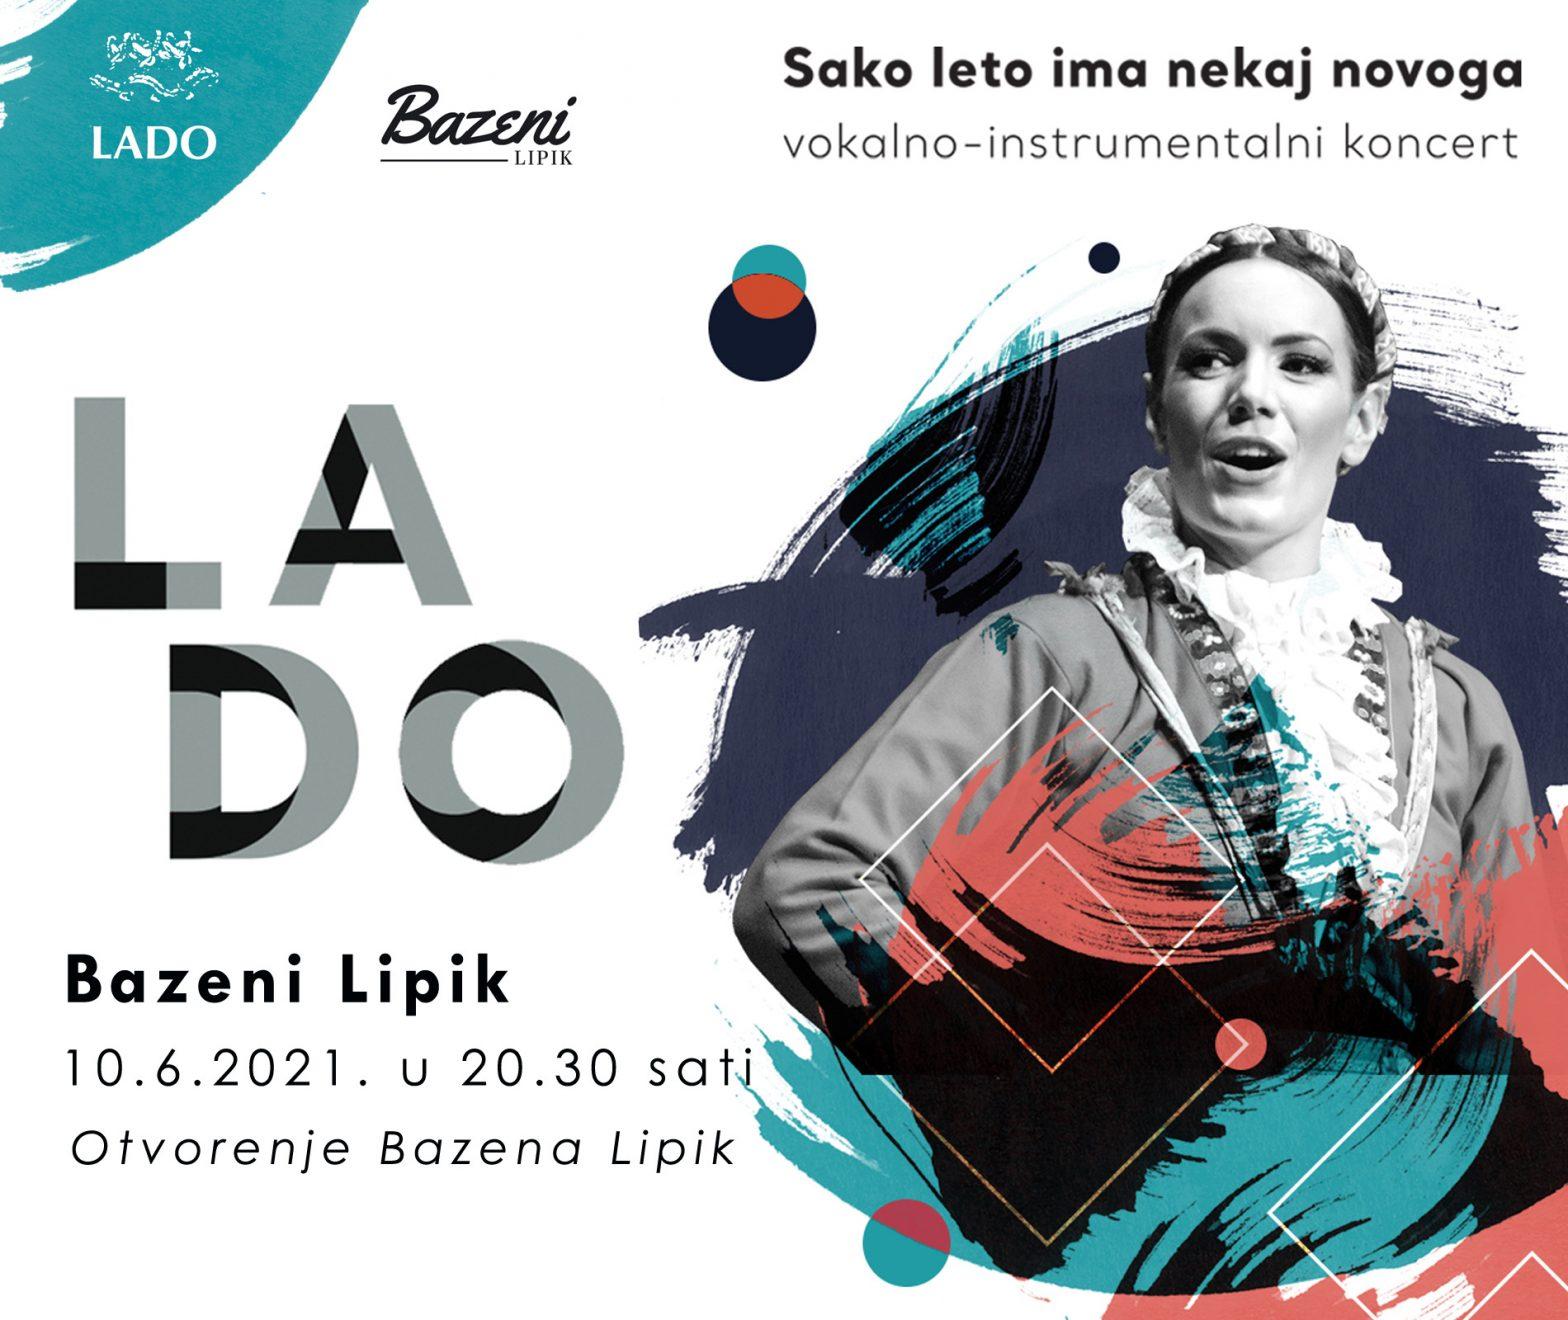 Prigodom otvorenja lipičkih bazena publika će uživati u nastupu vokalnog Ansambla LADO